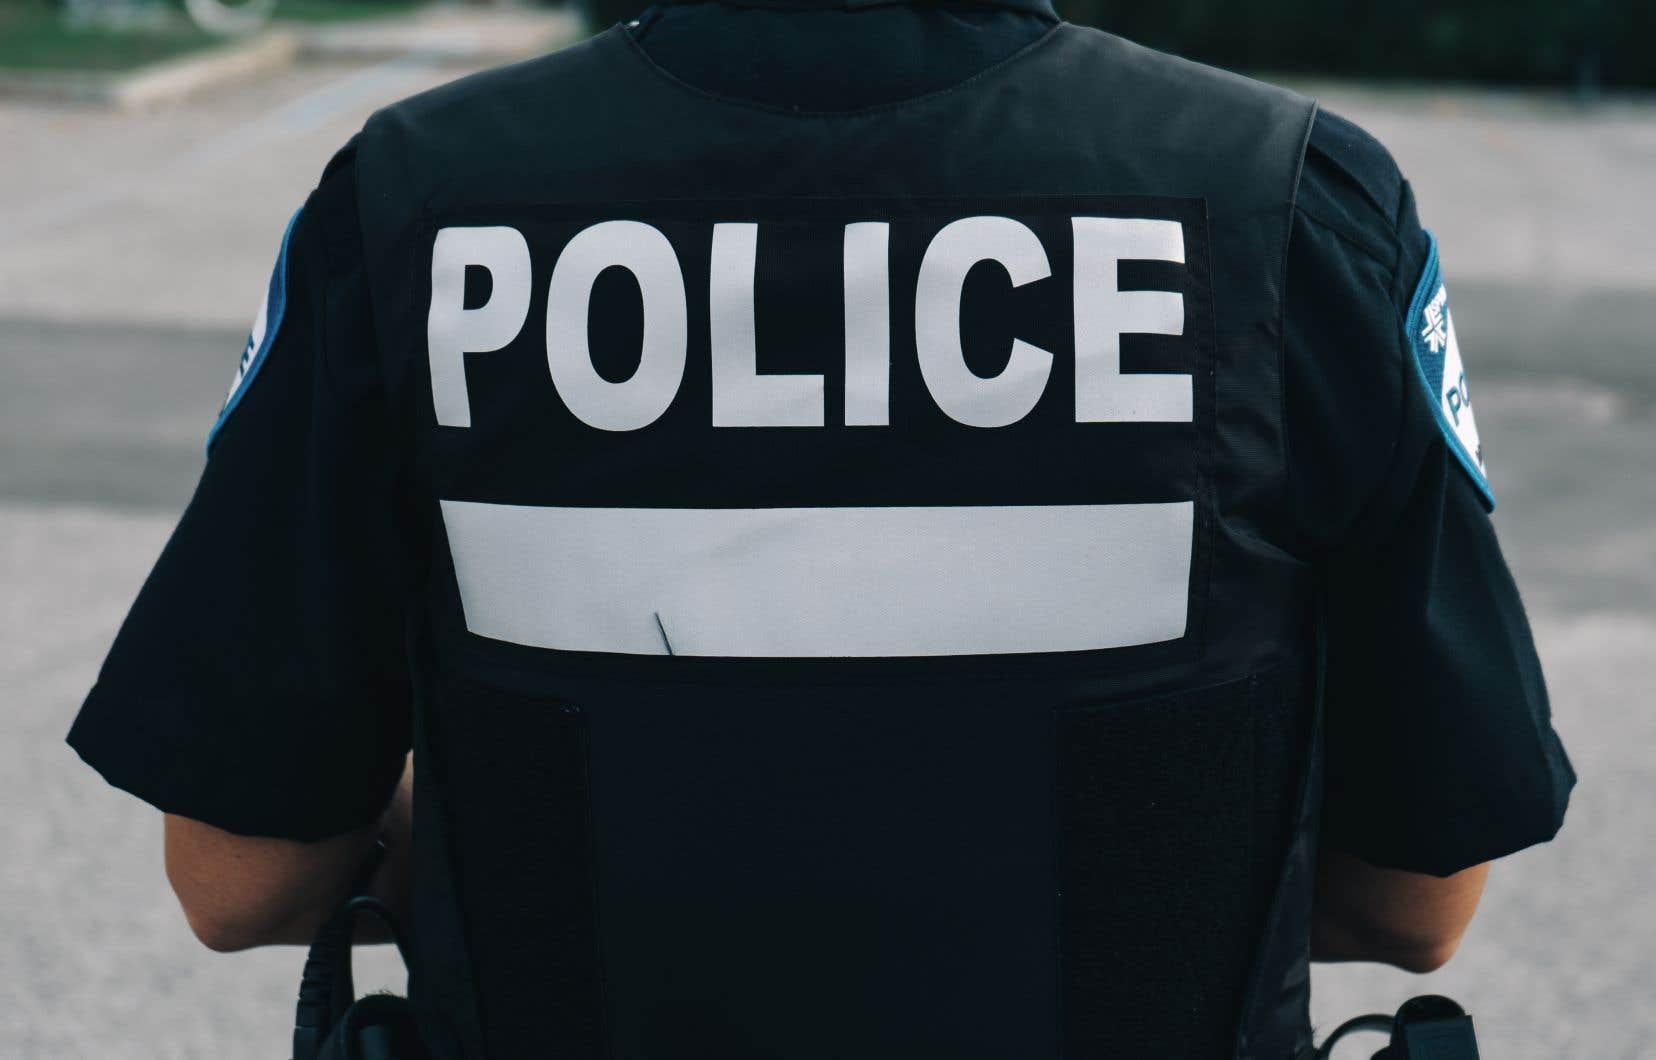 La vice-présidente de la Commission des droits de la personne et des droits de la jeunesse,Myrlande Pierre, ditêtre préoccupée par l'augmentation des plaintes pour profilage racial impliquant un corps policier.